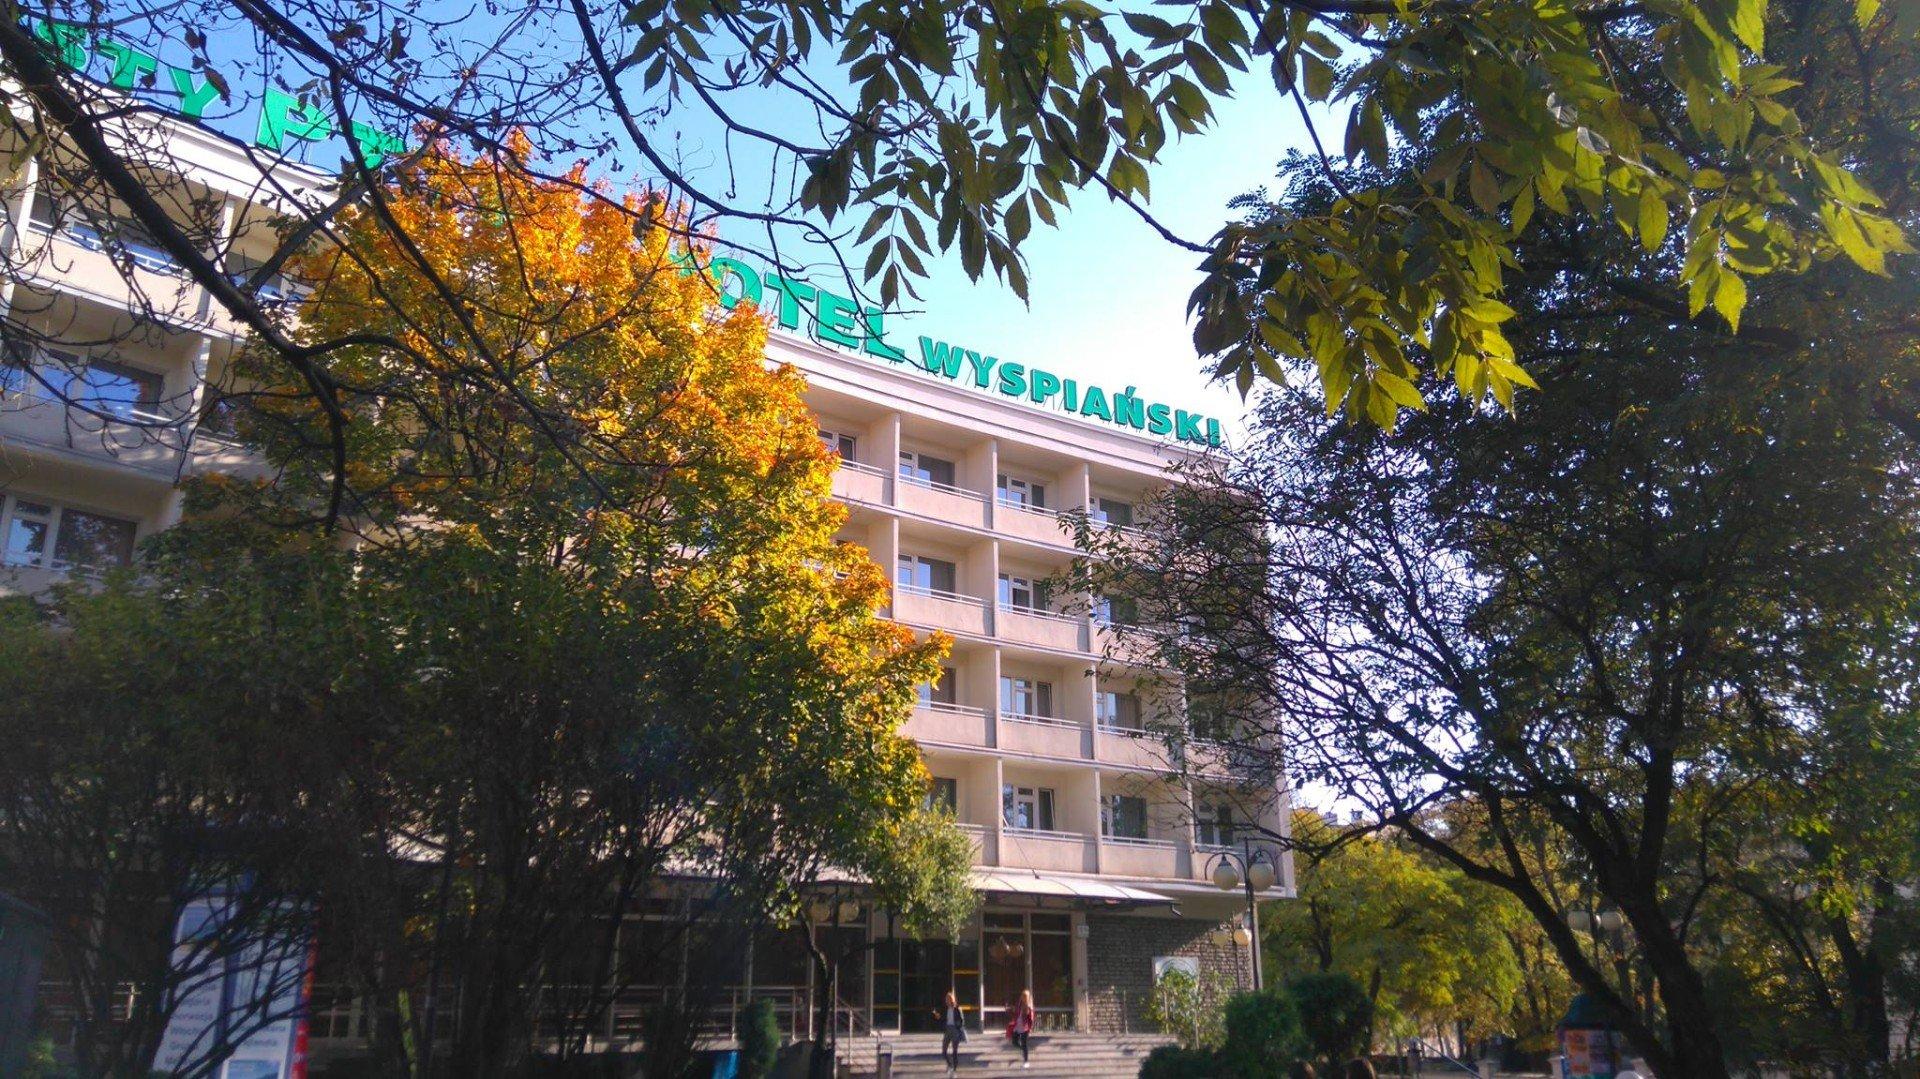 Wyspiański Hotel